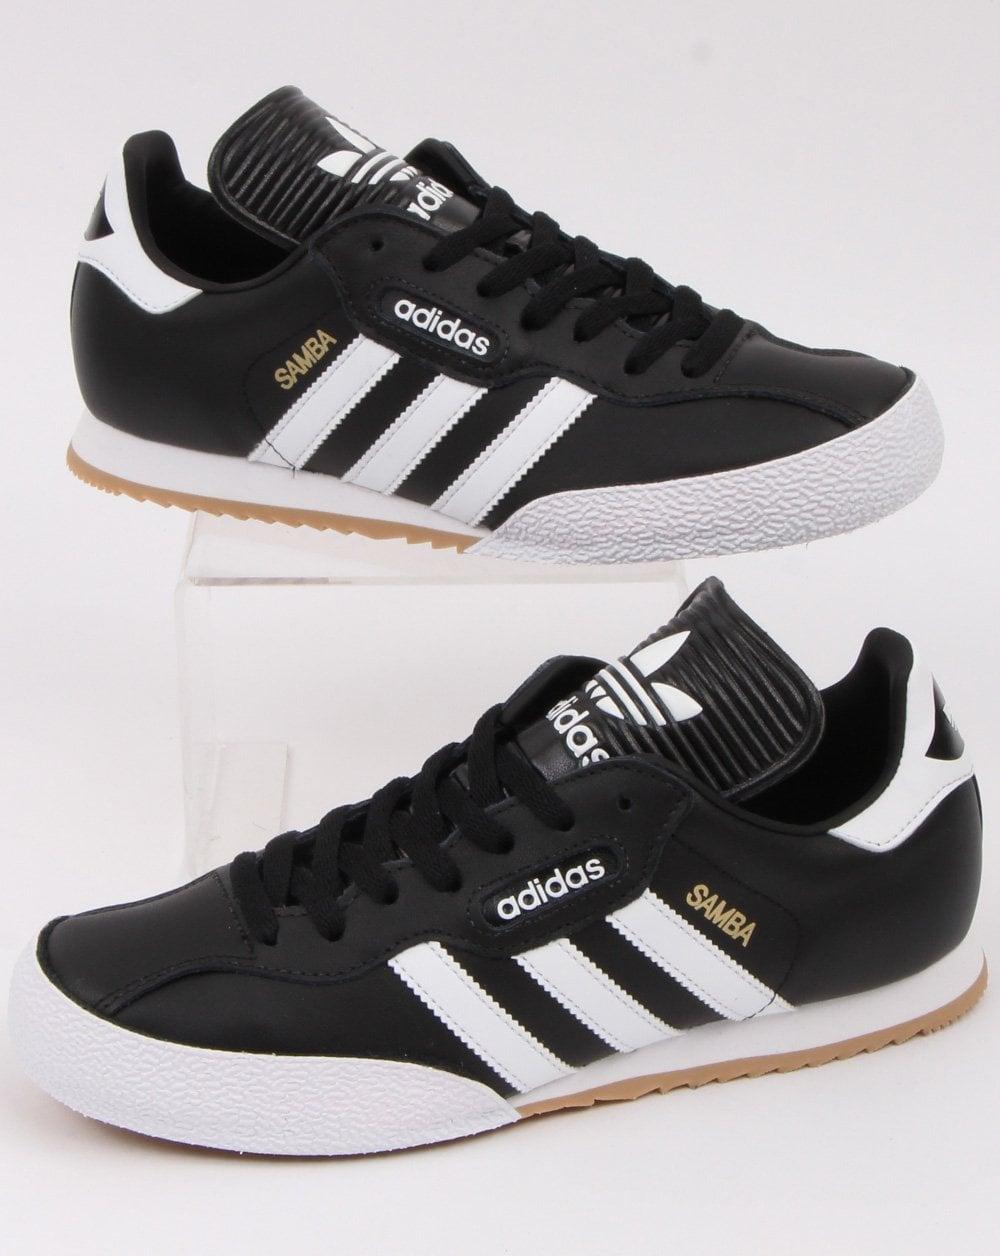 adidas samba trainers size 9